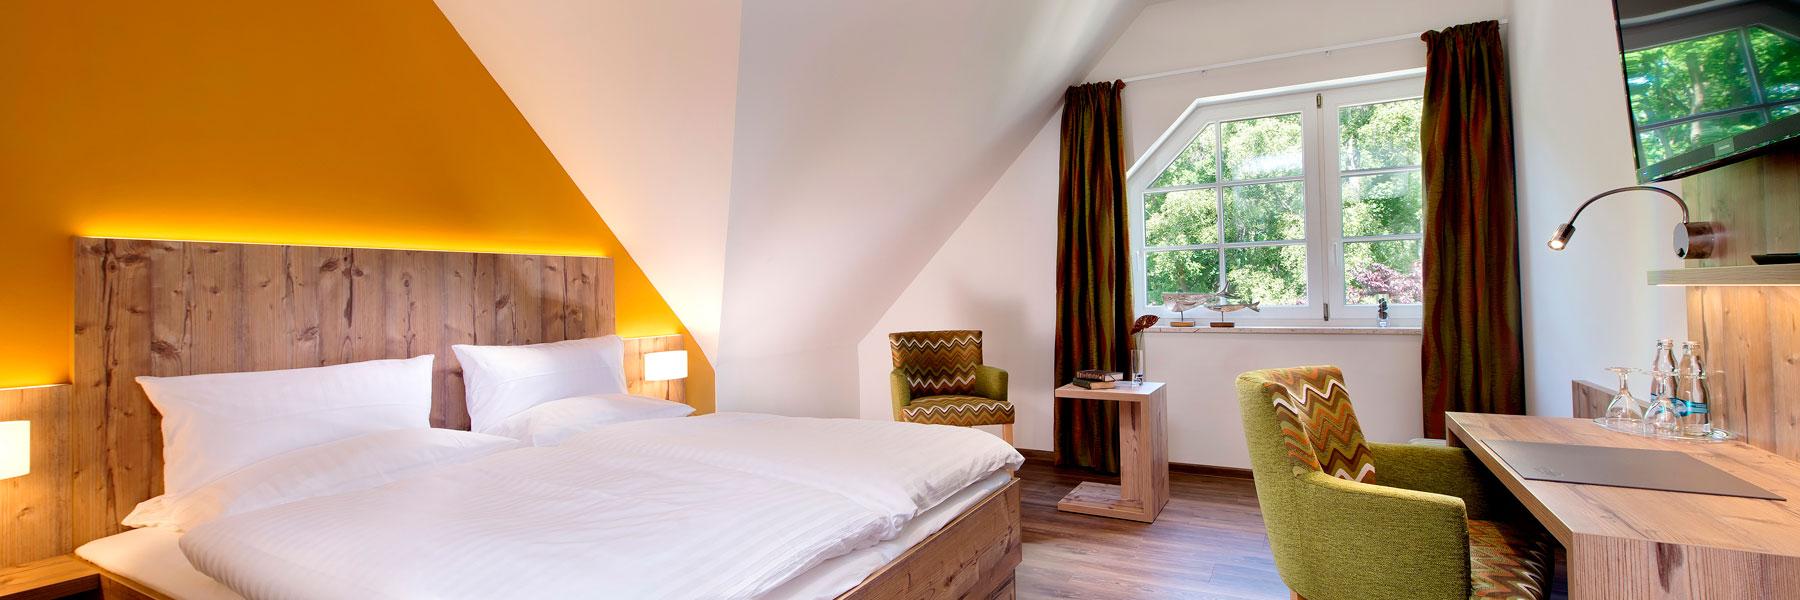 Zimmeransicht - Hotel Susewind